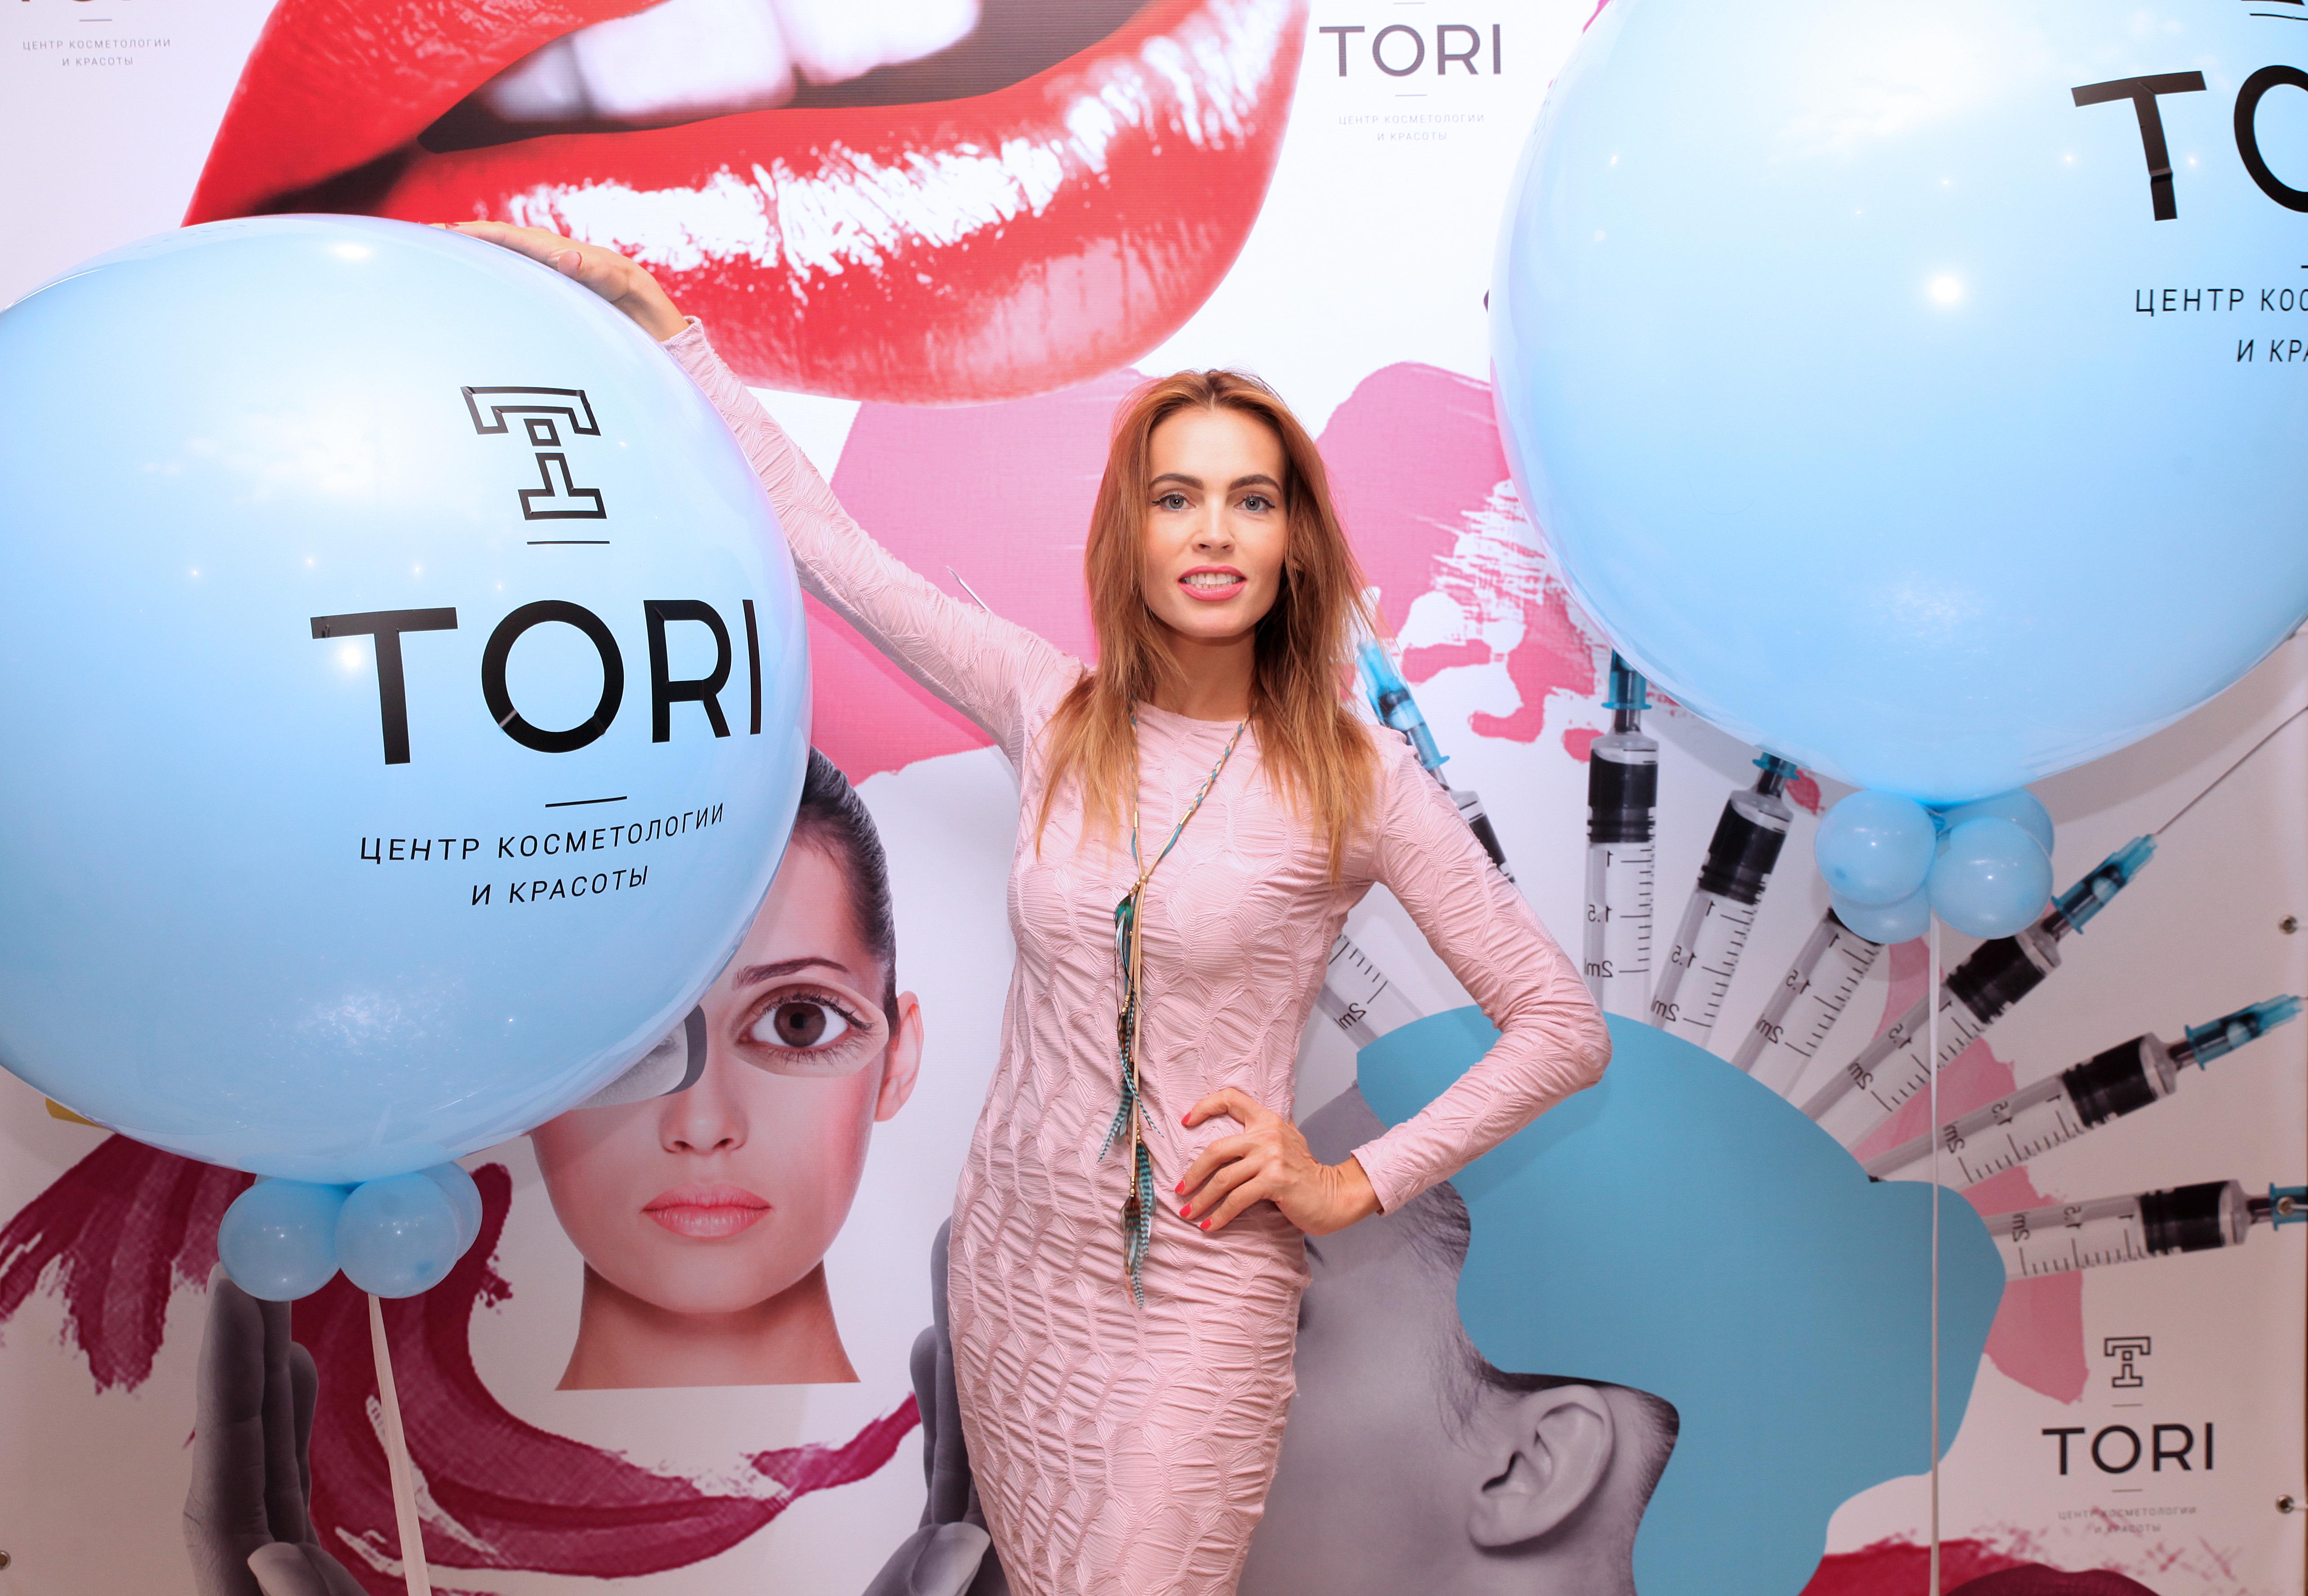 В Москве состоялось долгожданное открытие инновационного центра косметологии Tori.